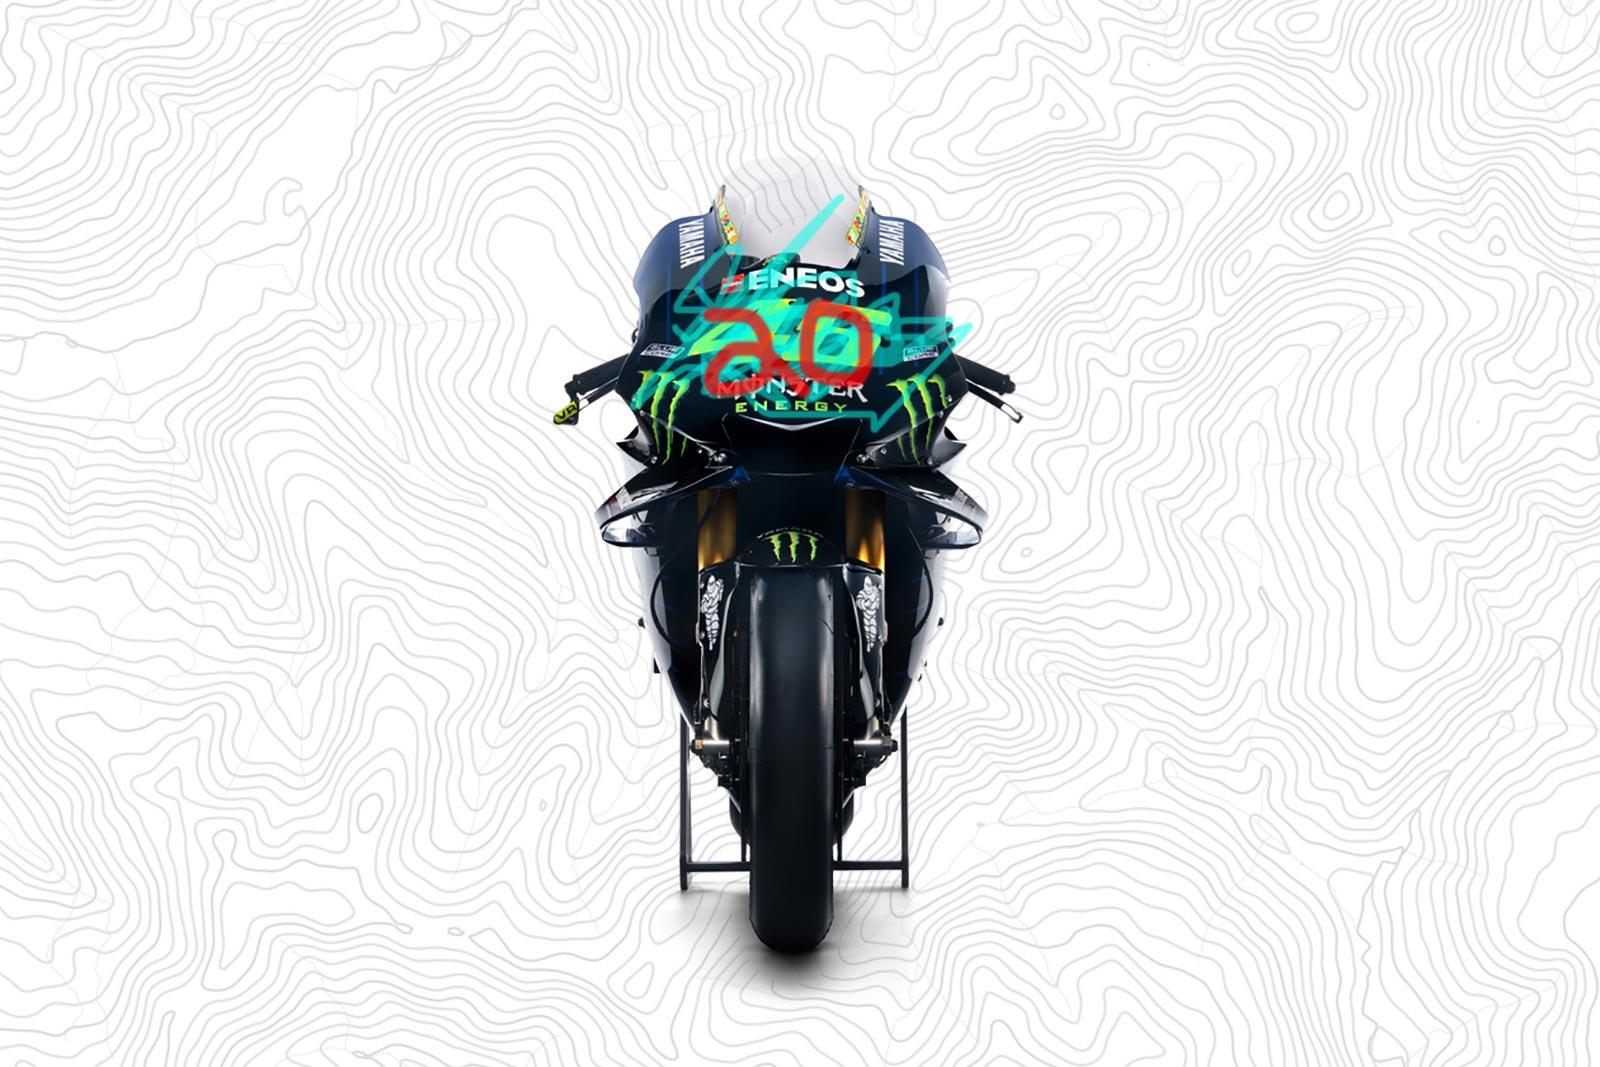 Fabio Quartararo Will Replace Valentino Rossi In The Factory Yamaha Motogp Team Asphalt Rubber